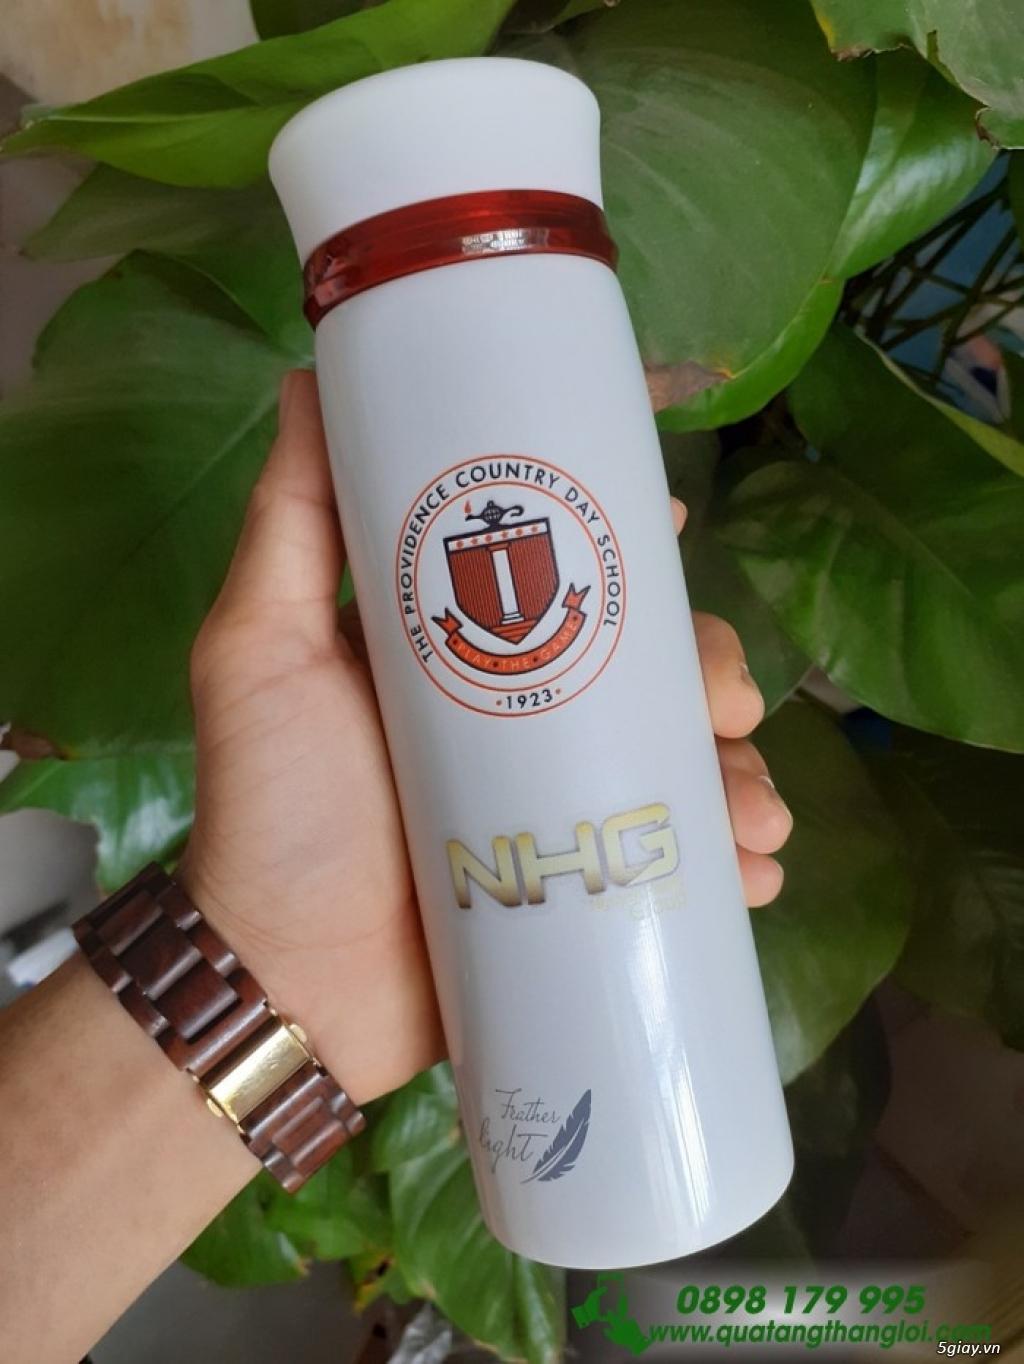 Bình Giữ Nhiệt lock & lock in khắc logo giá rẻ quà tặng - 2